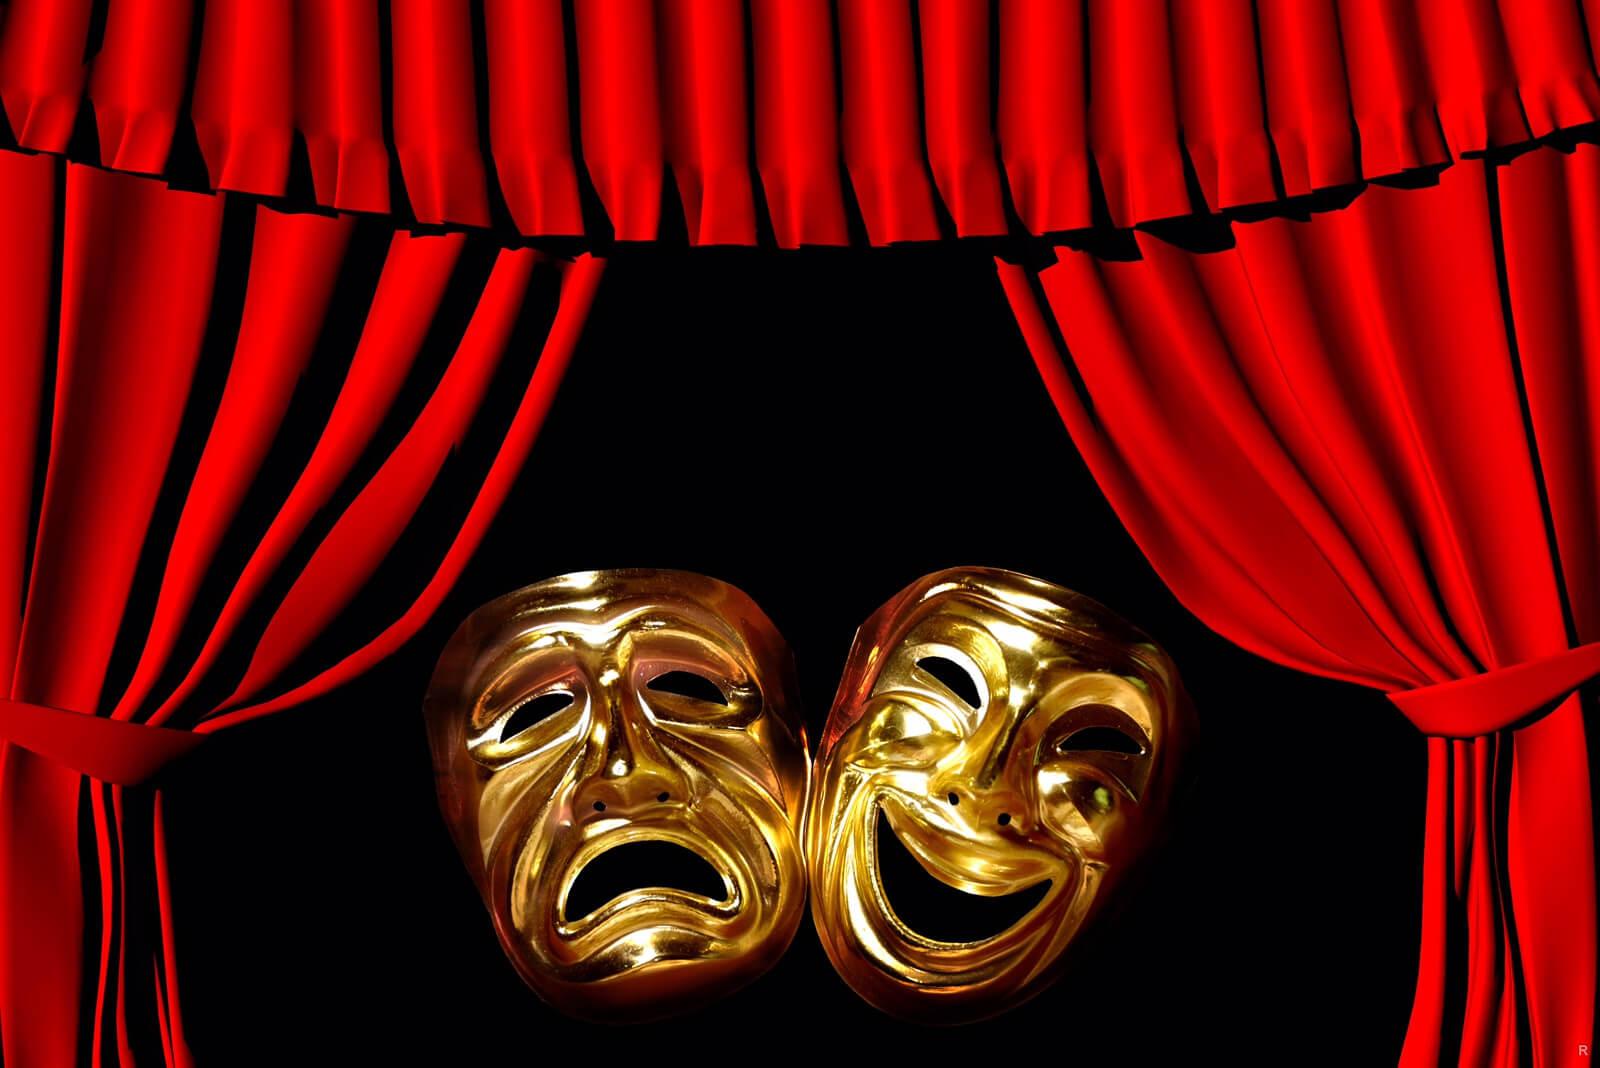 Премьера. «Бэби блюз» (Внимание!!! Спектакль пройдет на сцене театра Драмы им. А. К. Толстого)